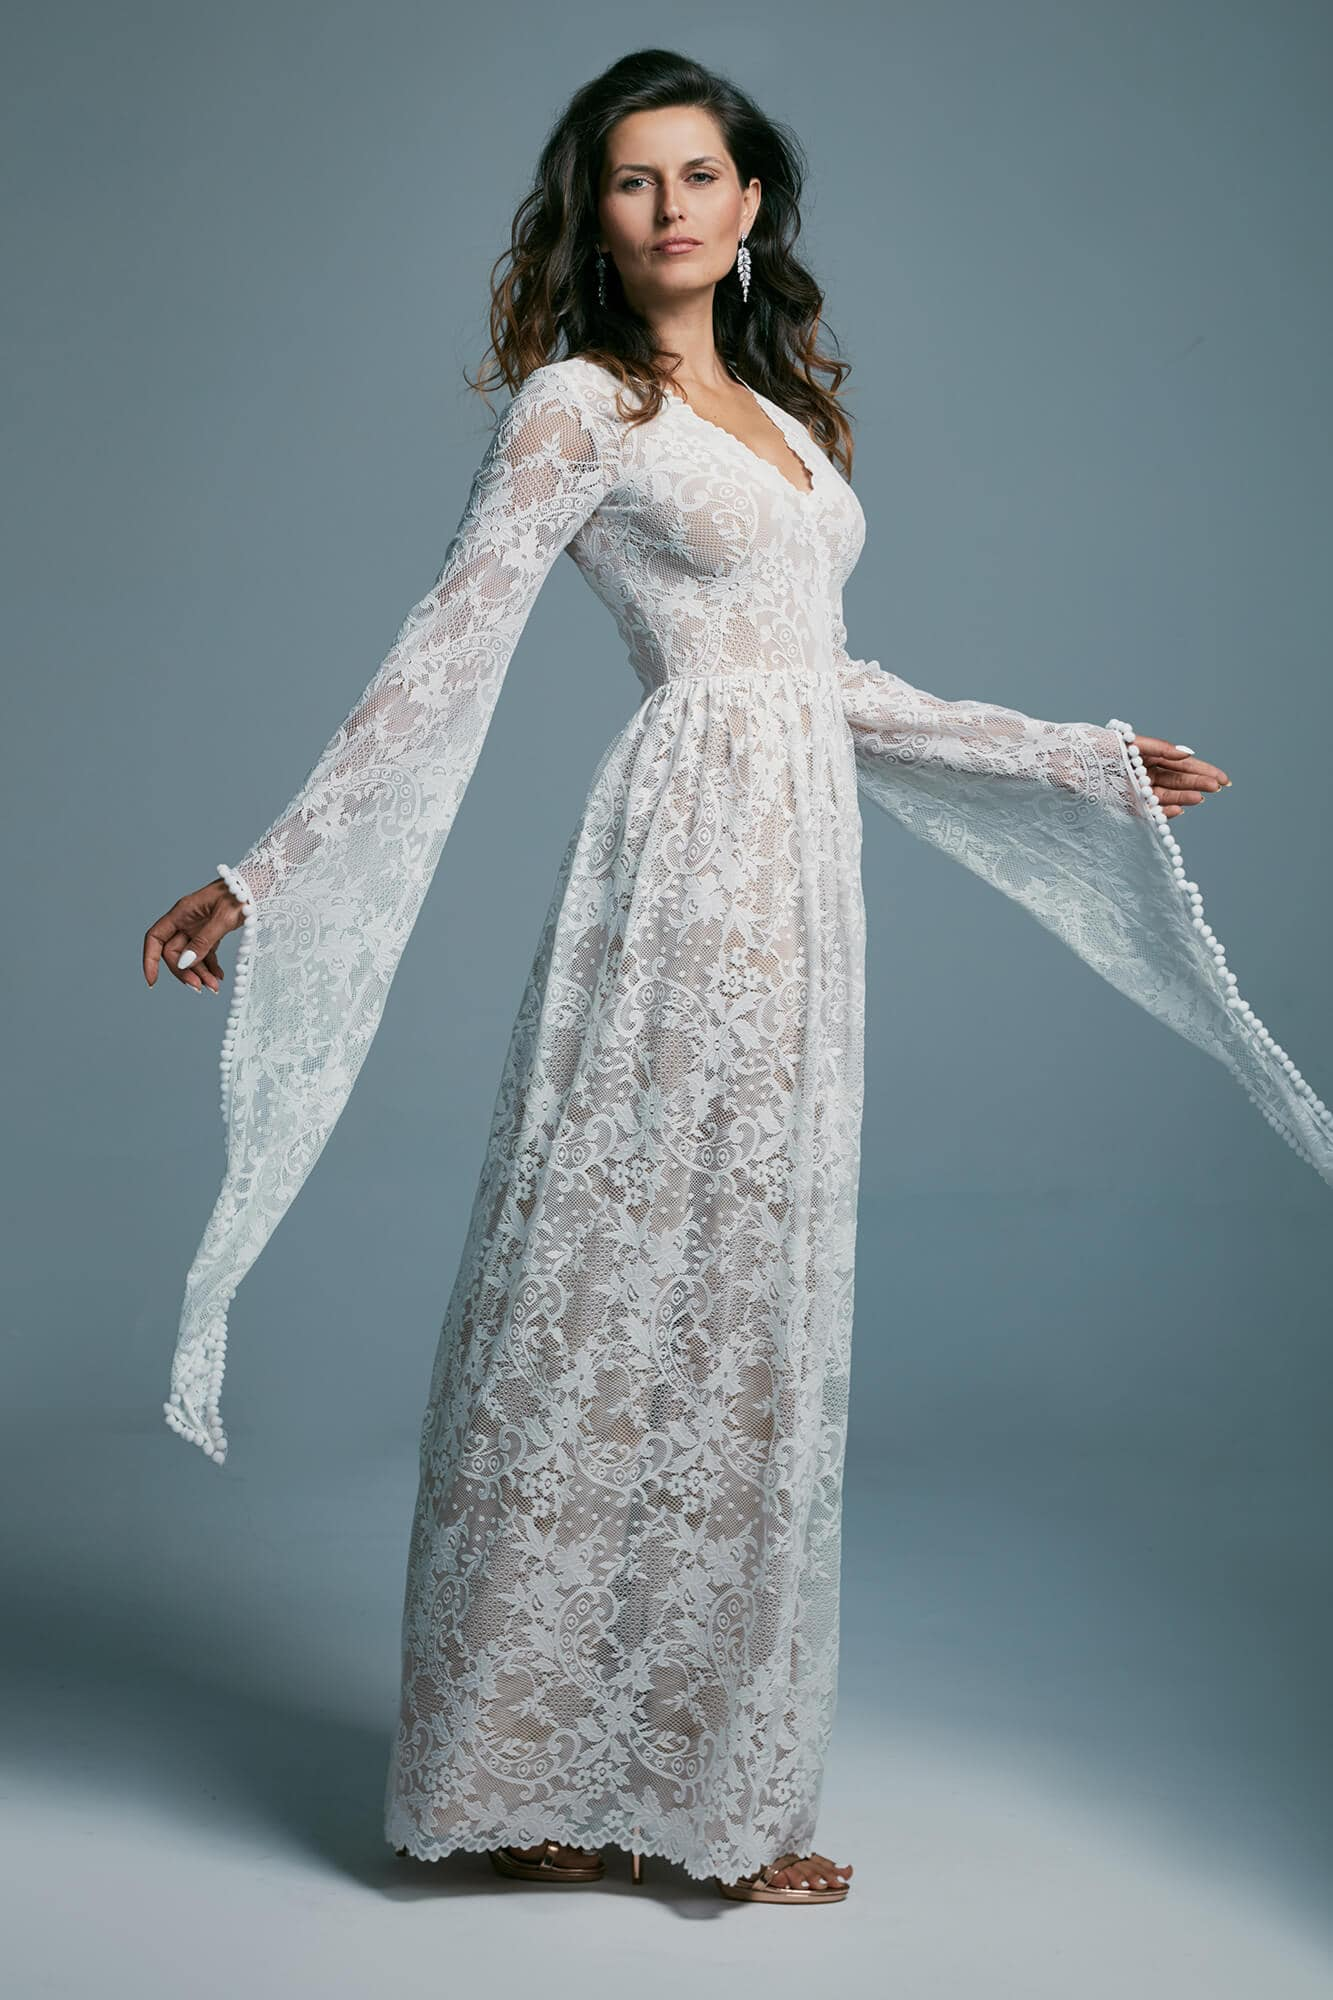 Lace boho style wedding dress with fairy sleeves Porto 17